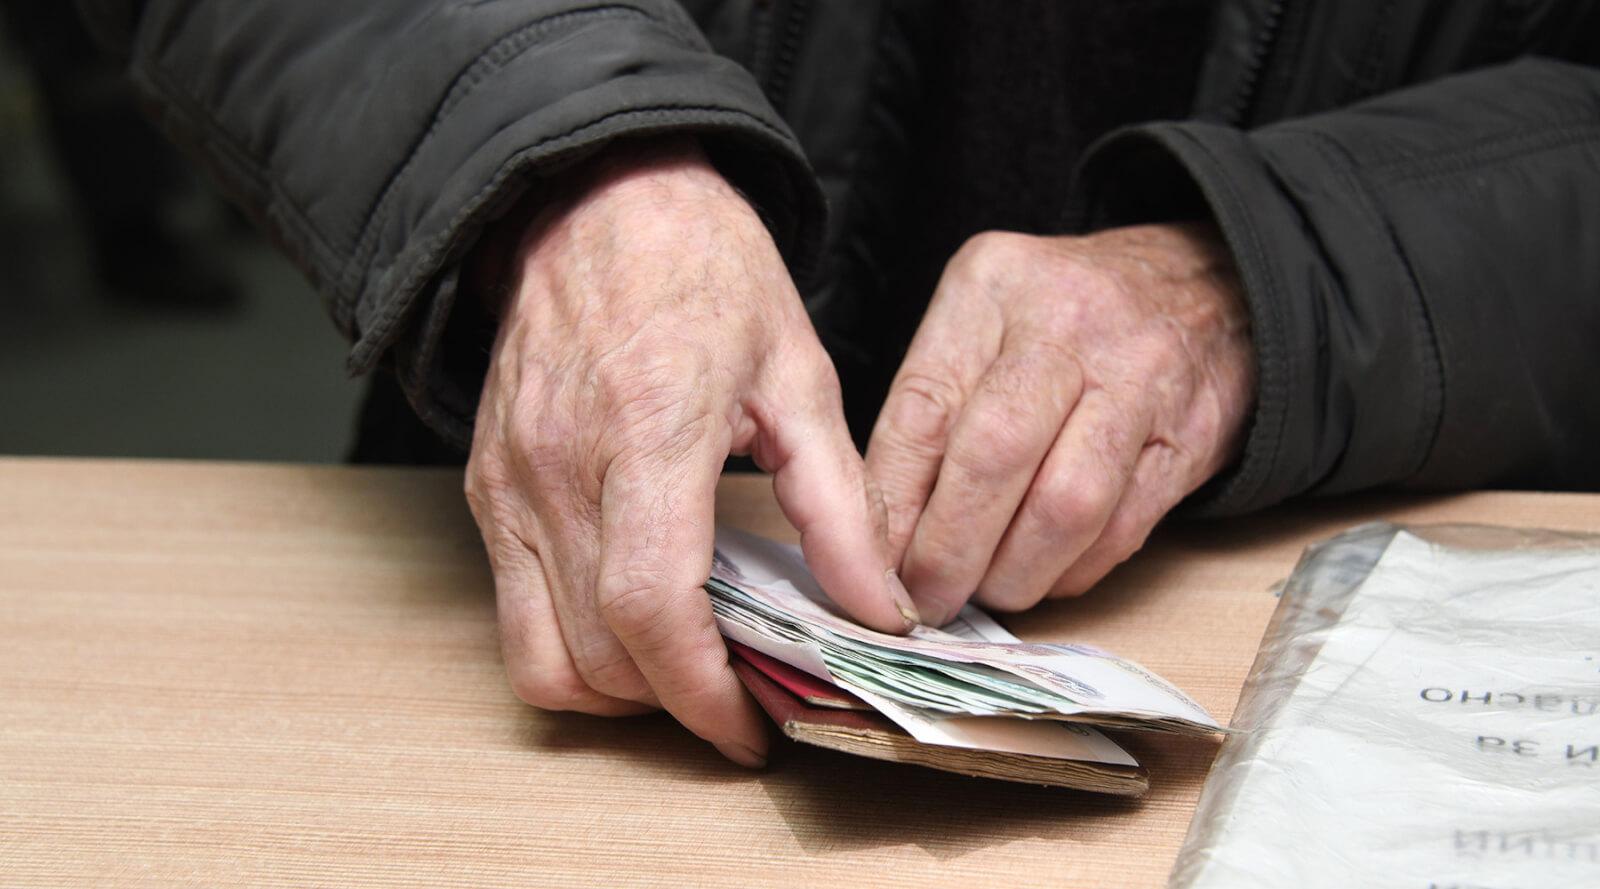 Как узнать, какие налоги не платят пенсионеры в каждом регионе?